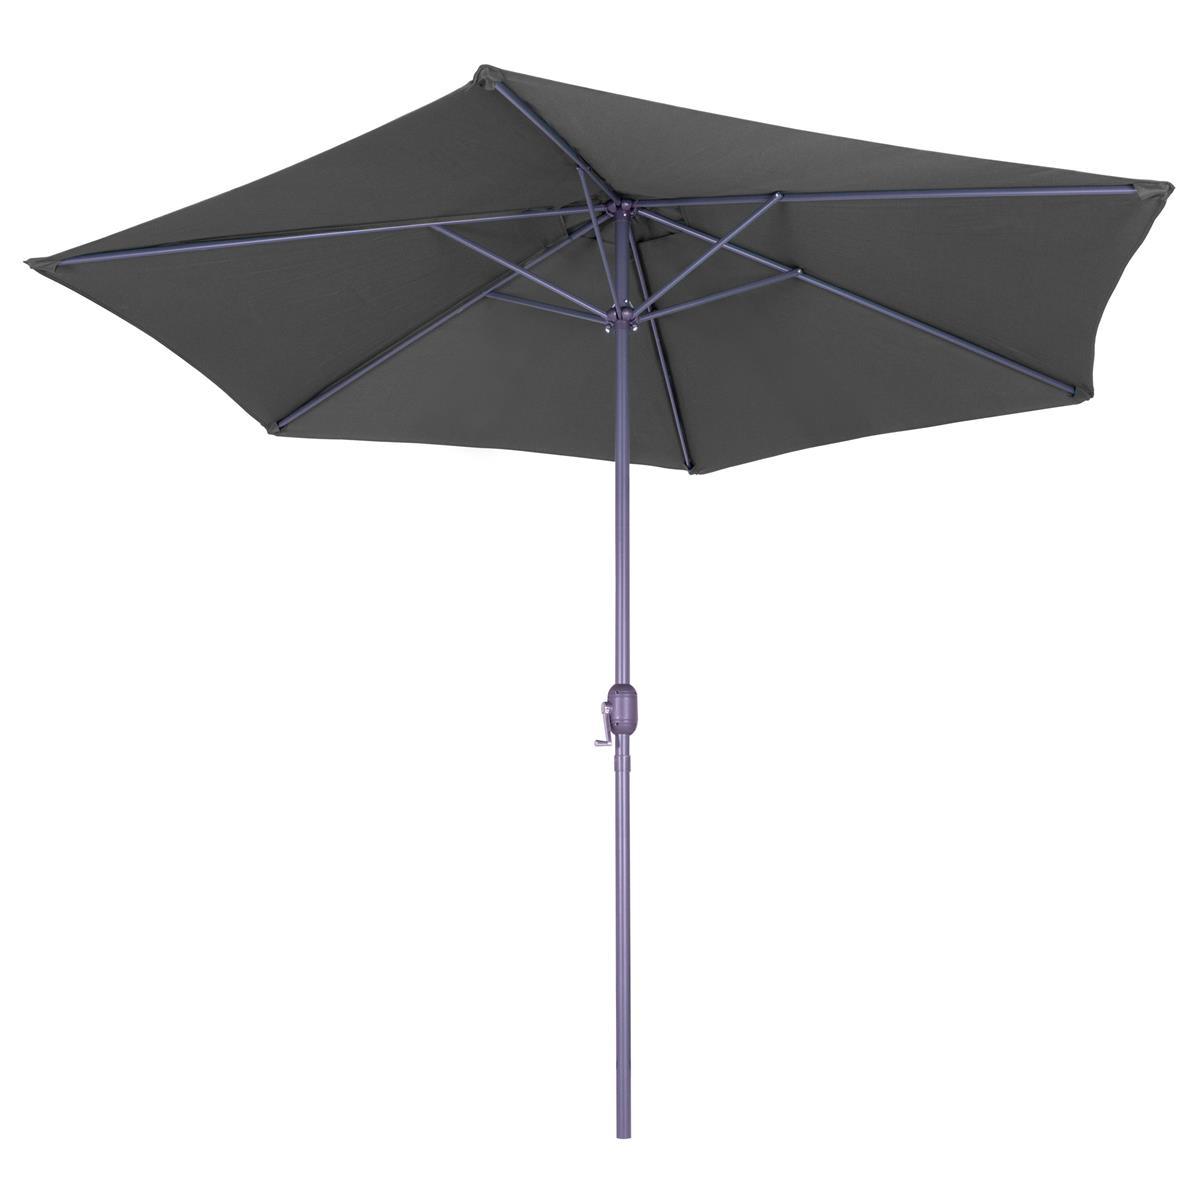 Sonnenschirm 3 m anthrazit mit Kurbel wasserabweisend UV Schutz 50+